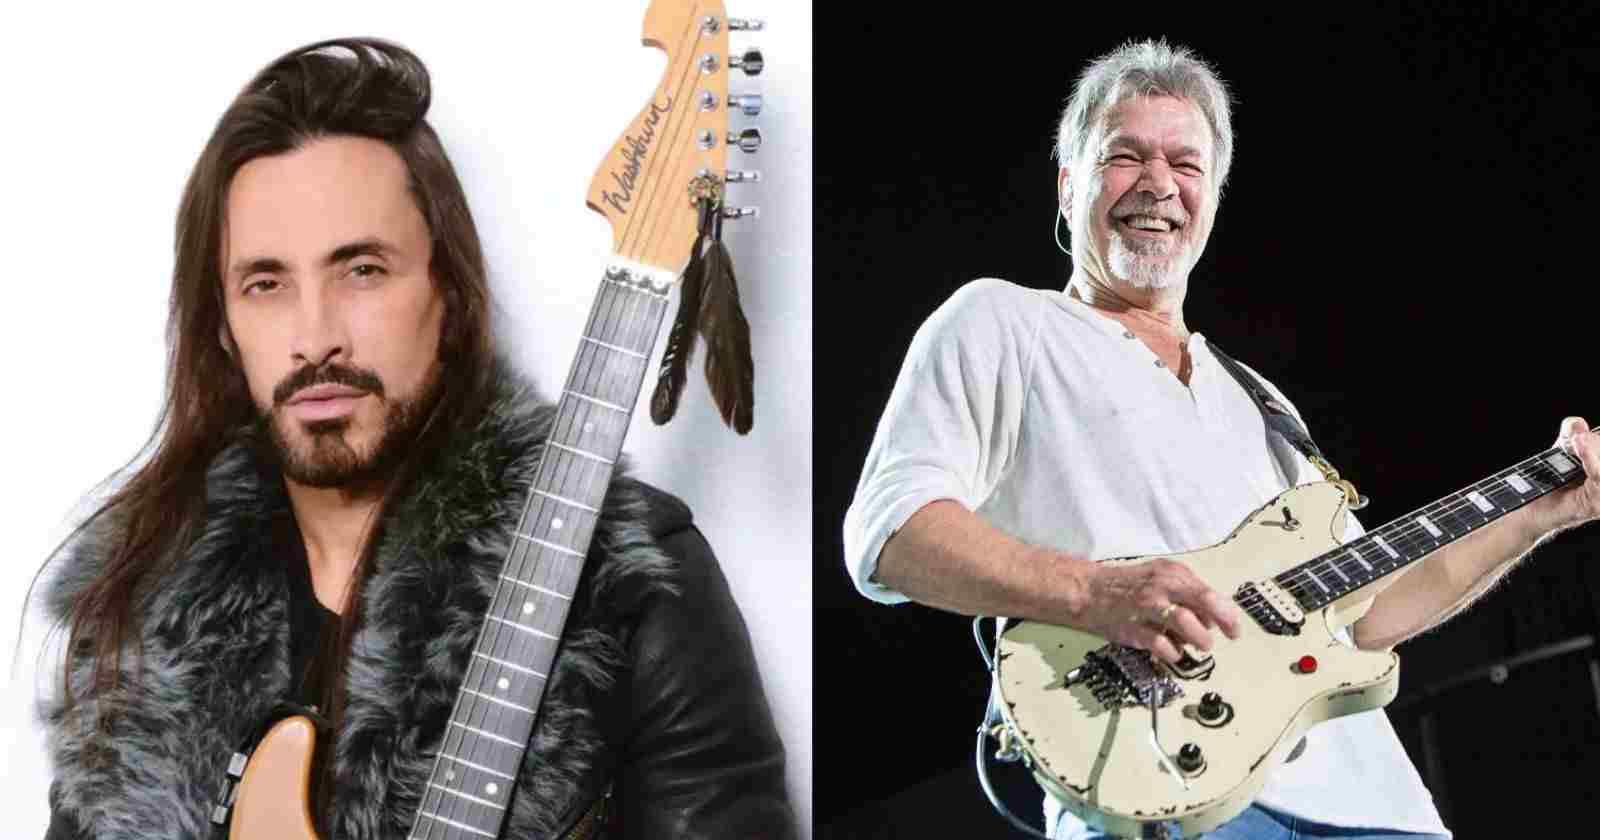 Nuno Bettencourt Van Halen